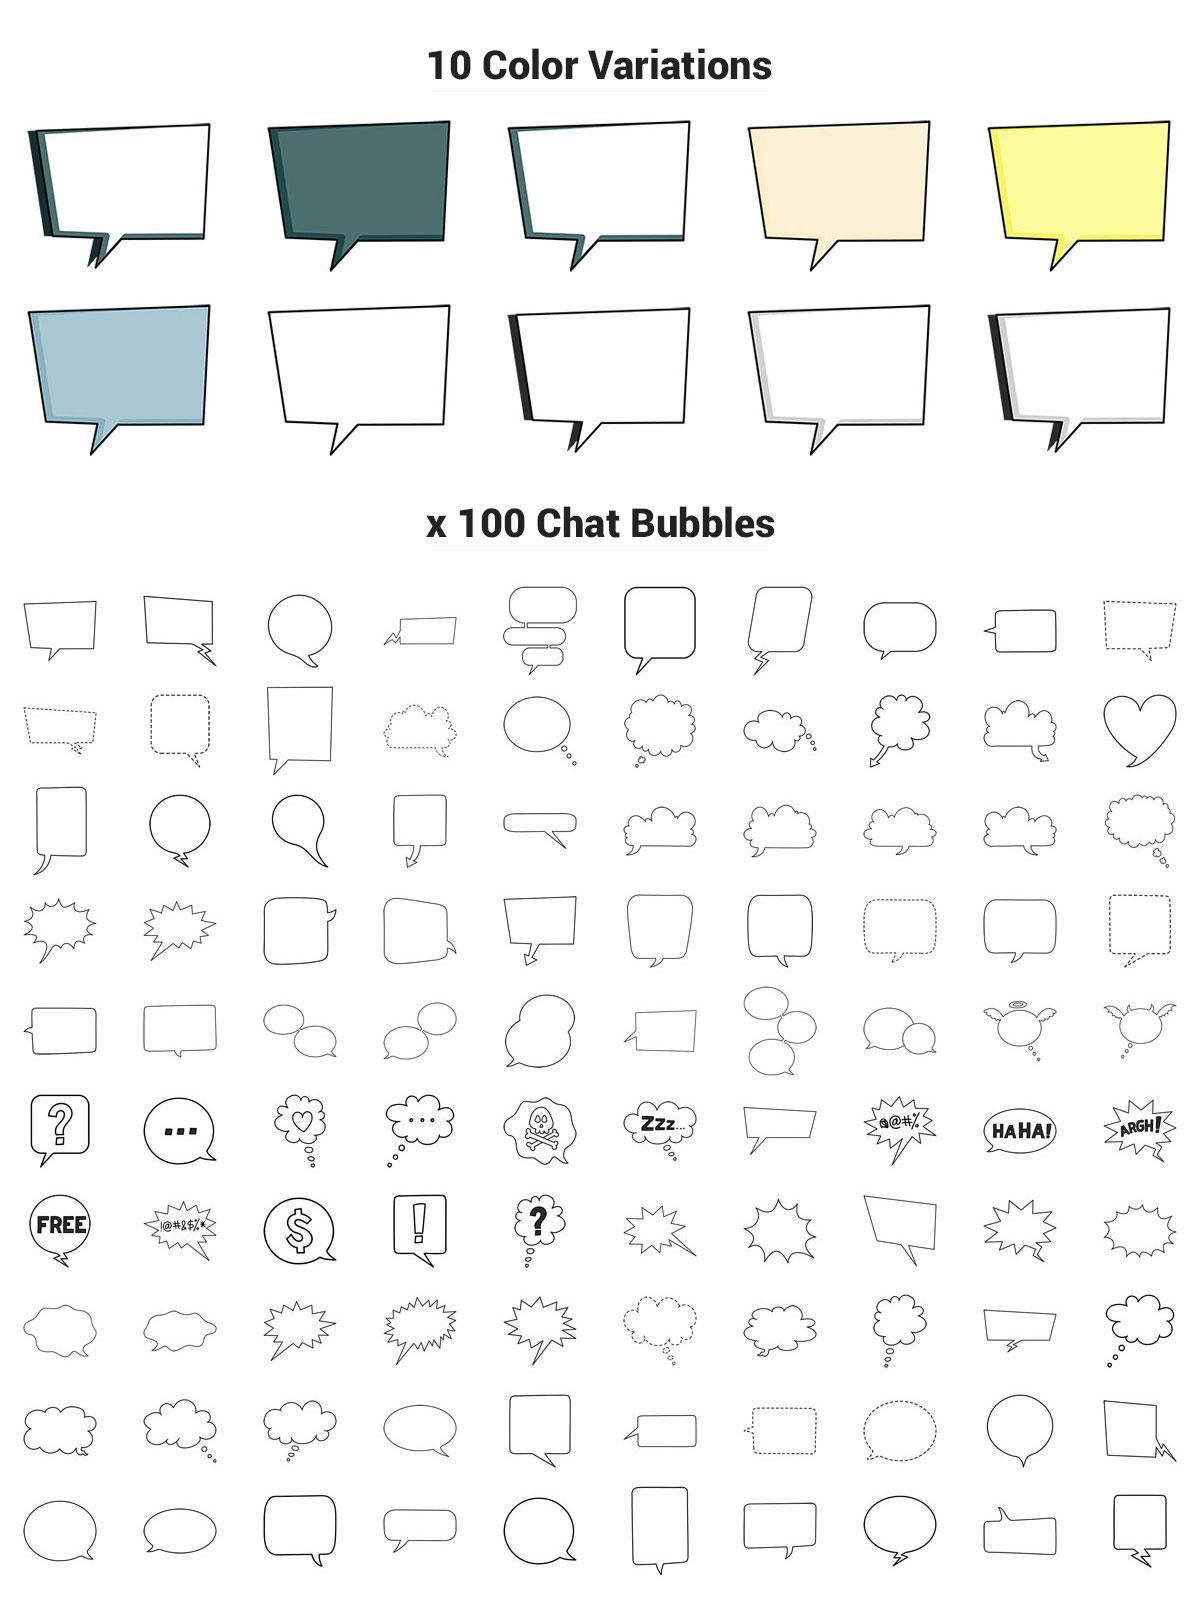 1000 Chat Bubbles